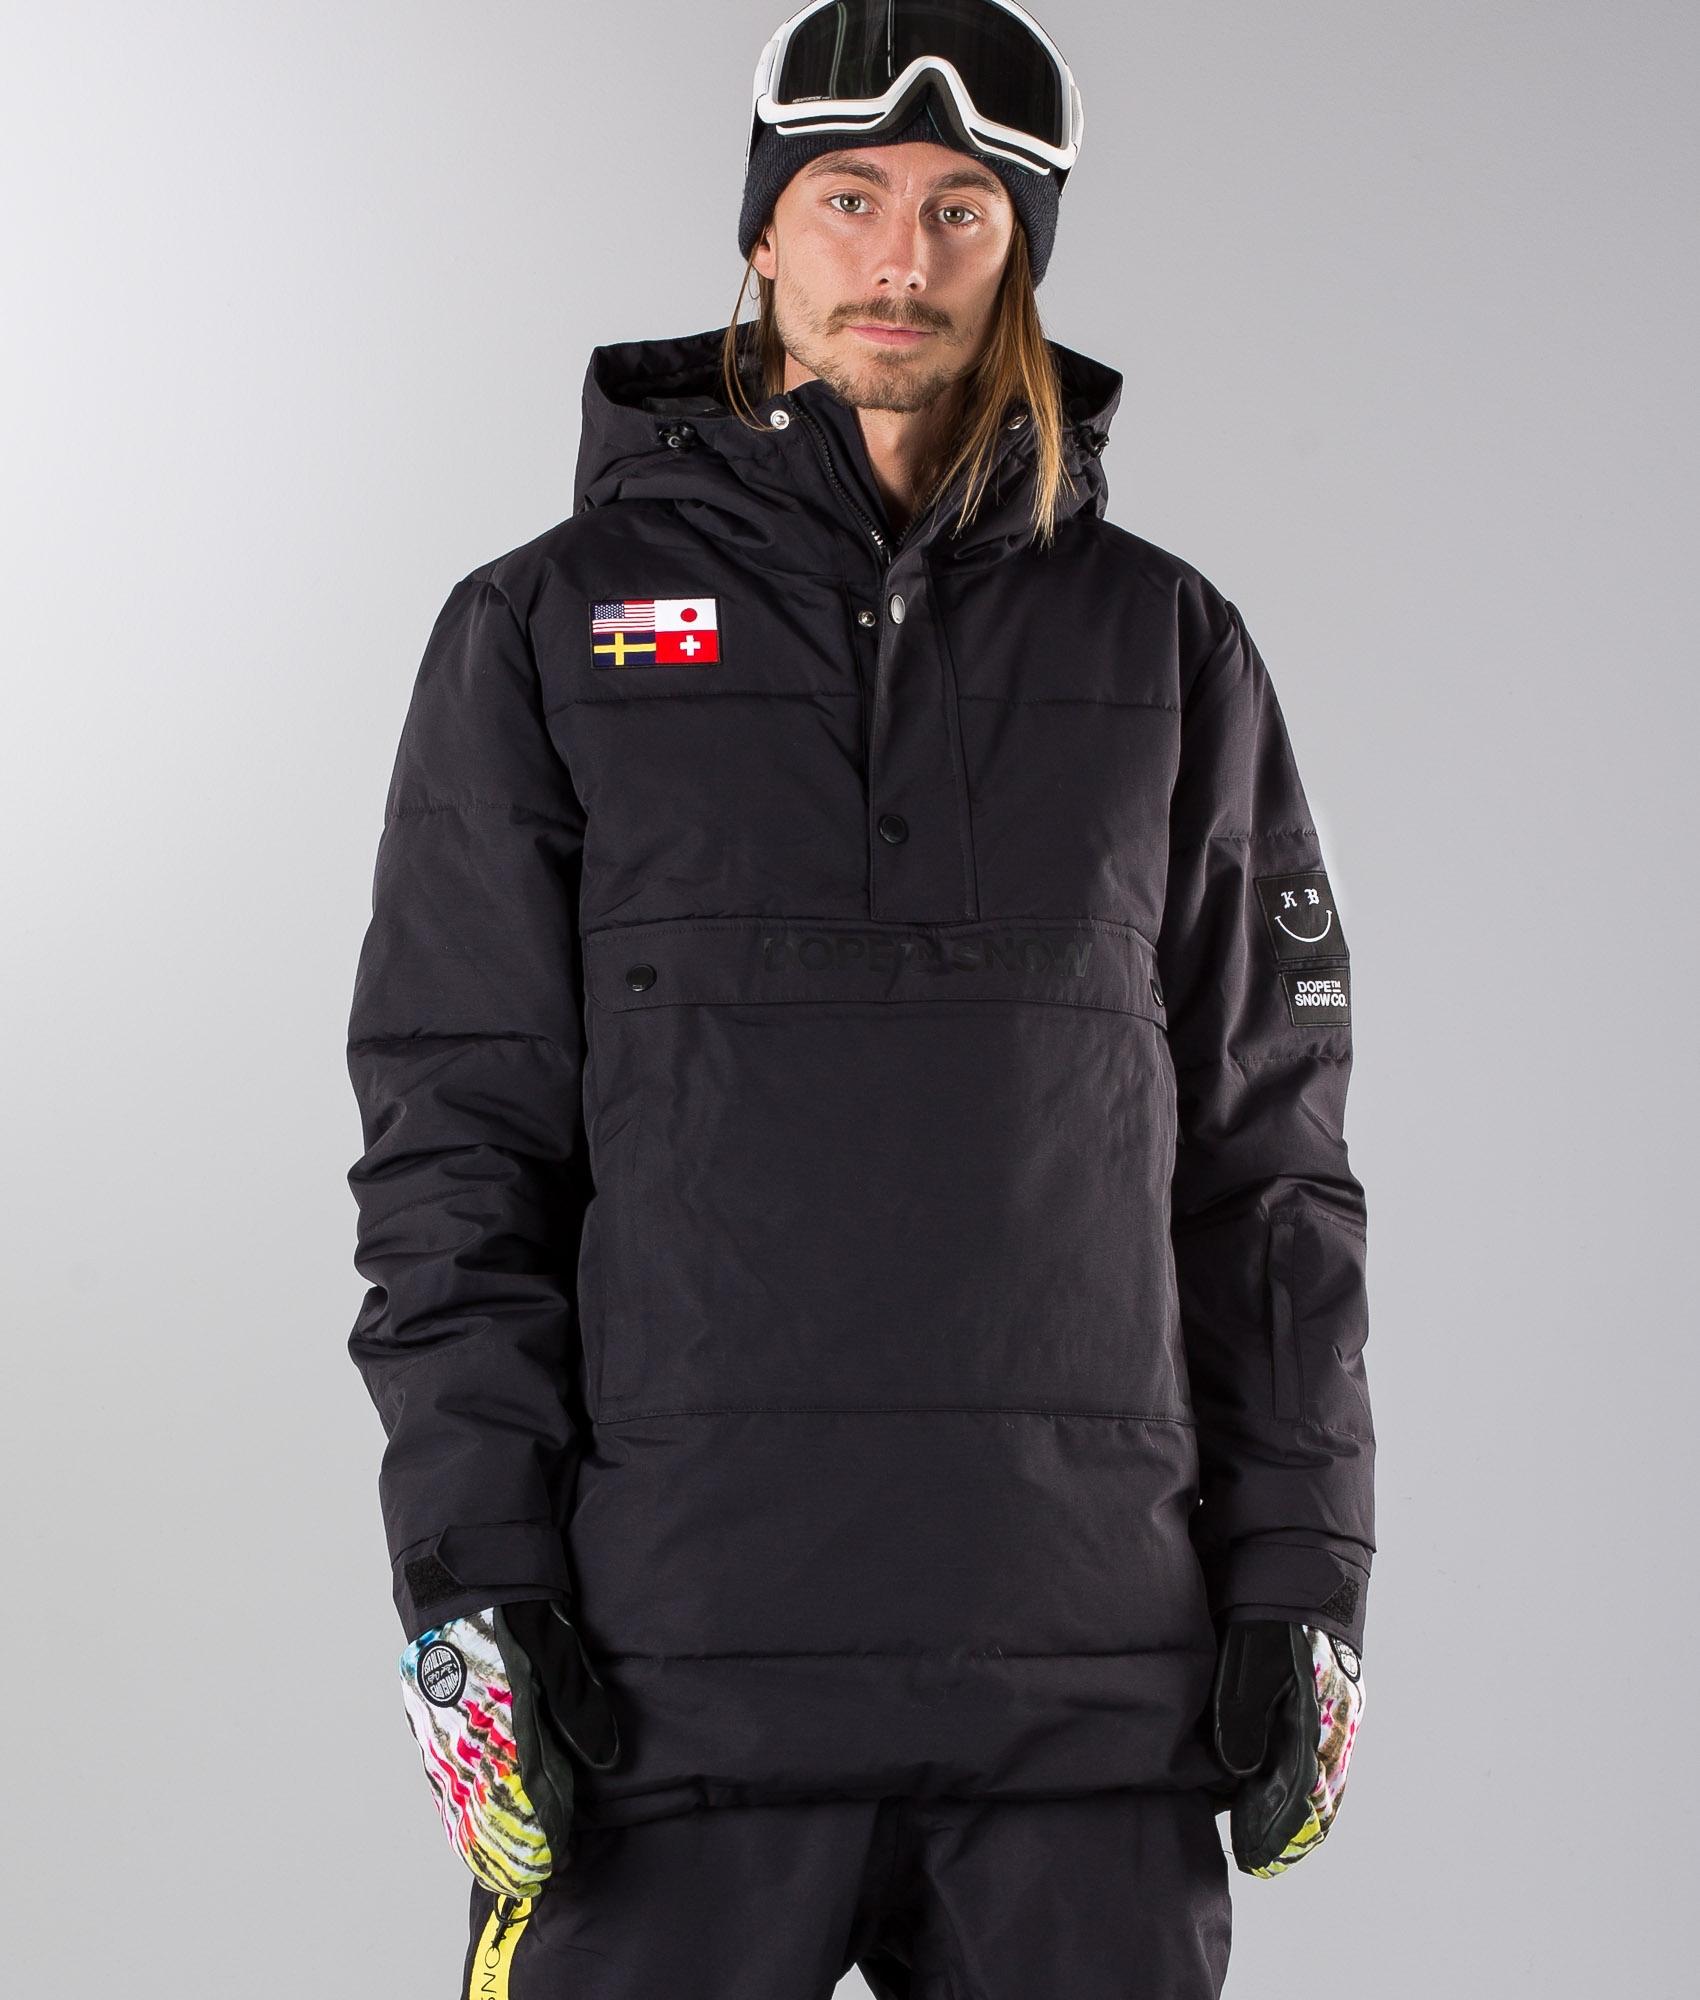 Vestes HommeLivraison Vestes Snowboard Ridestore Gratuite Snowboard Ridestore Gratuite HommeLivraison hdQrts